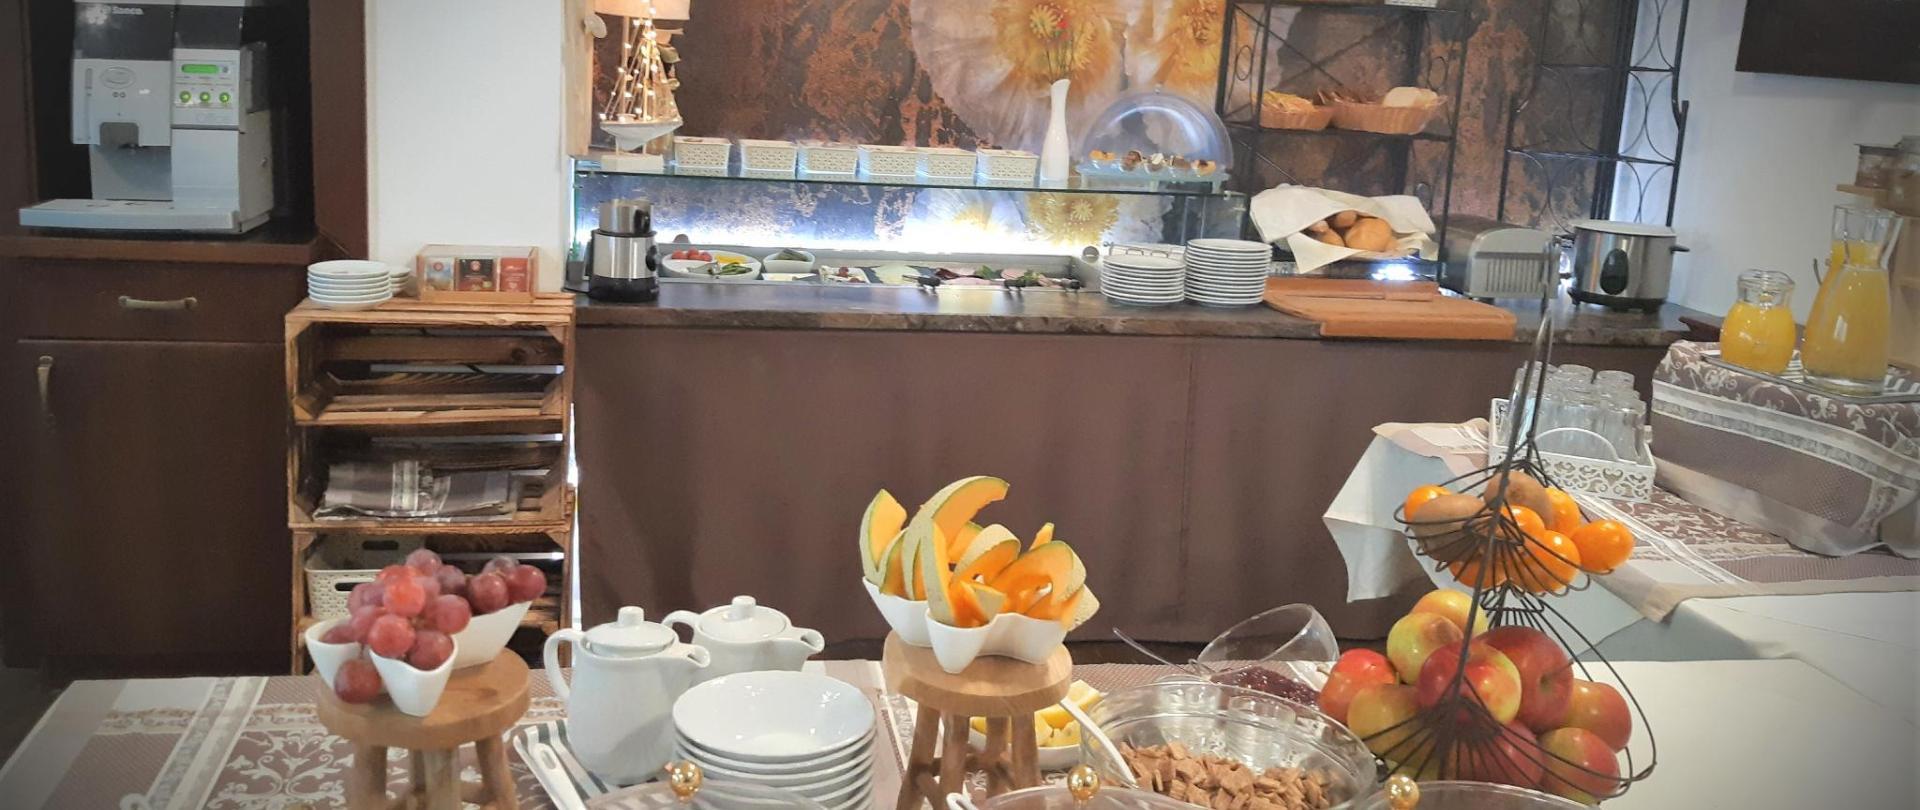 Frühstücksbuffet.jpg